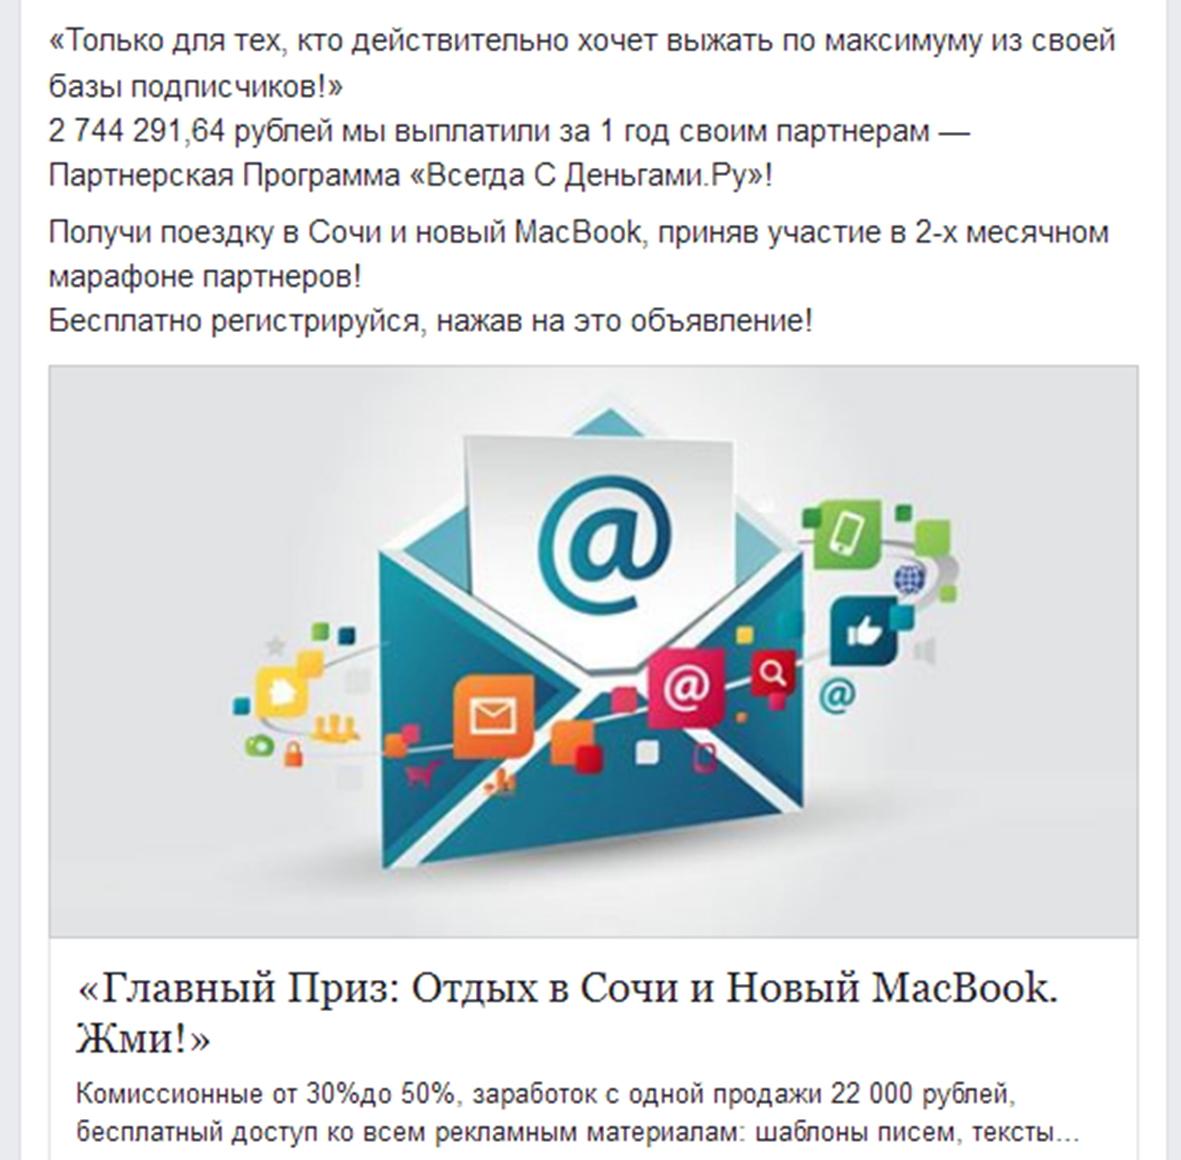 Визуальный пример созданного креатива для тестирования и показов рекламы в Инстаграм.